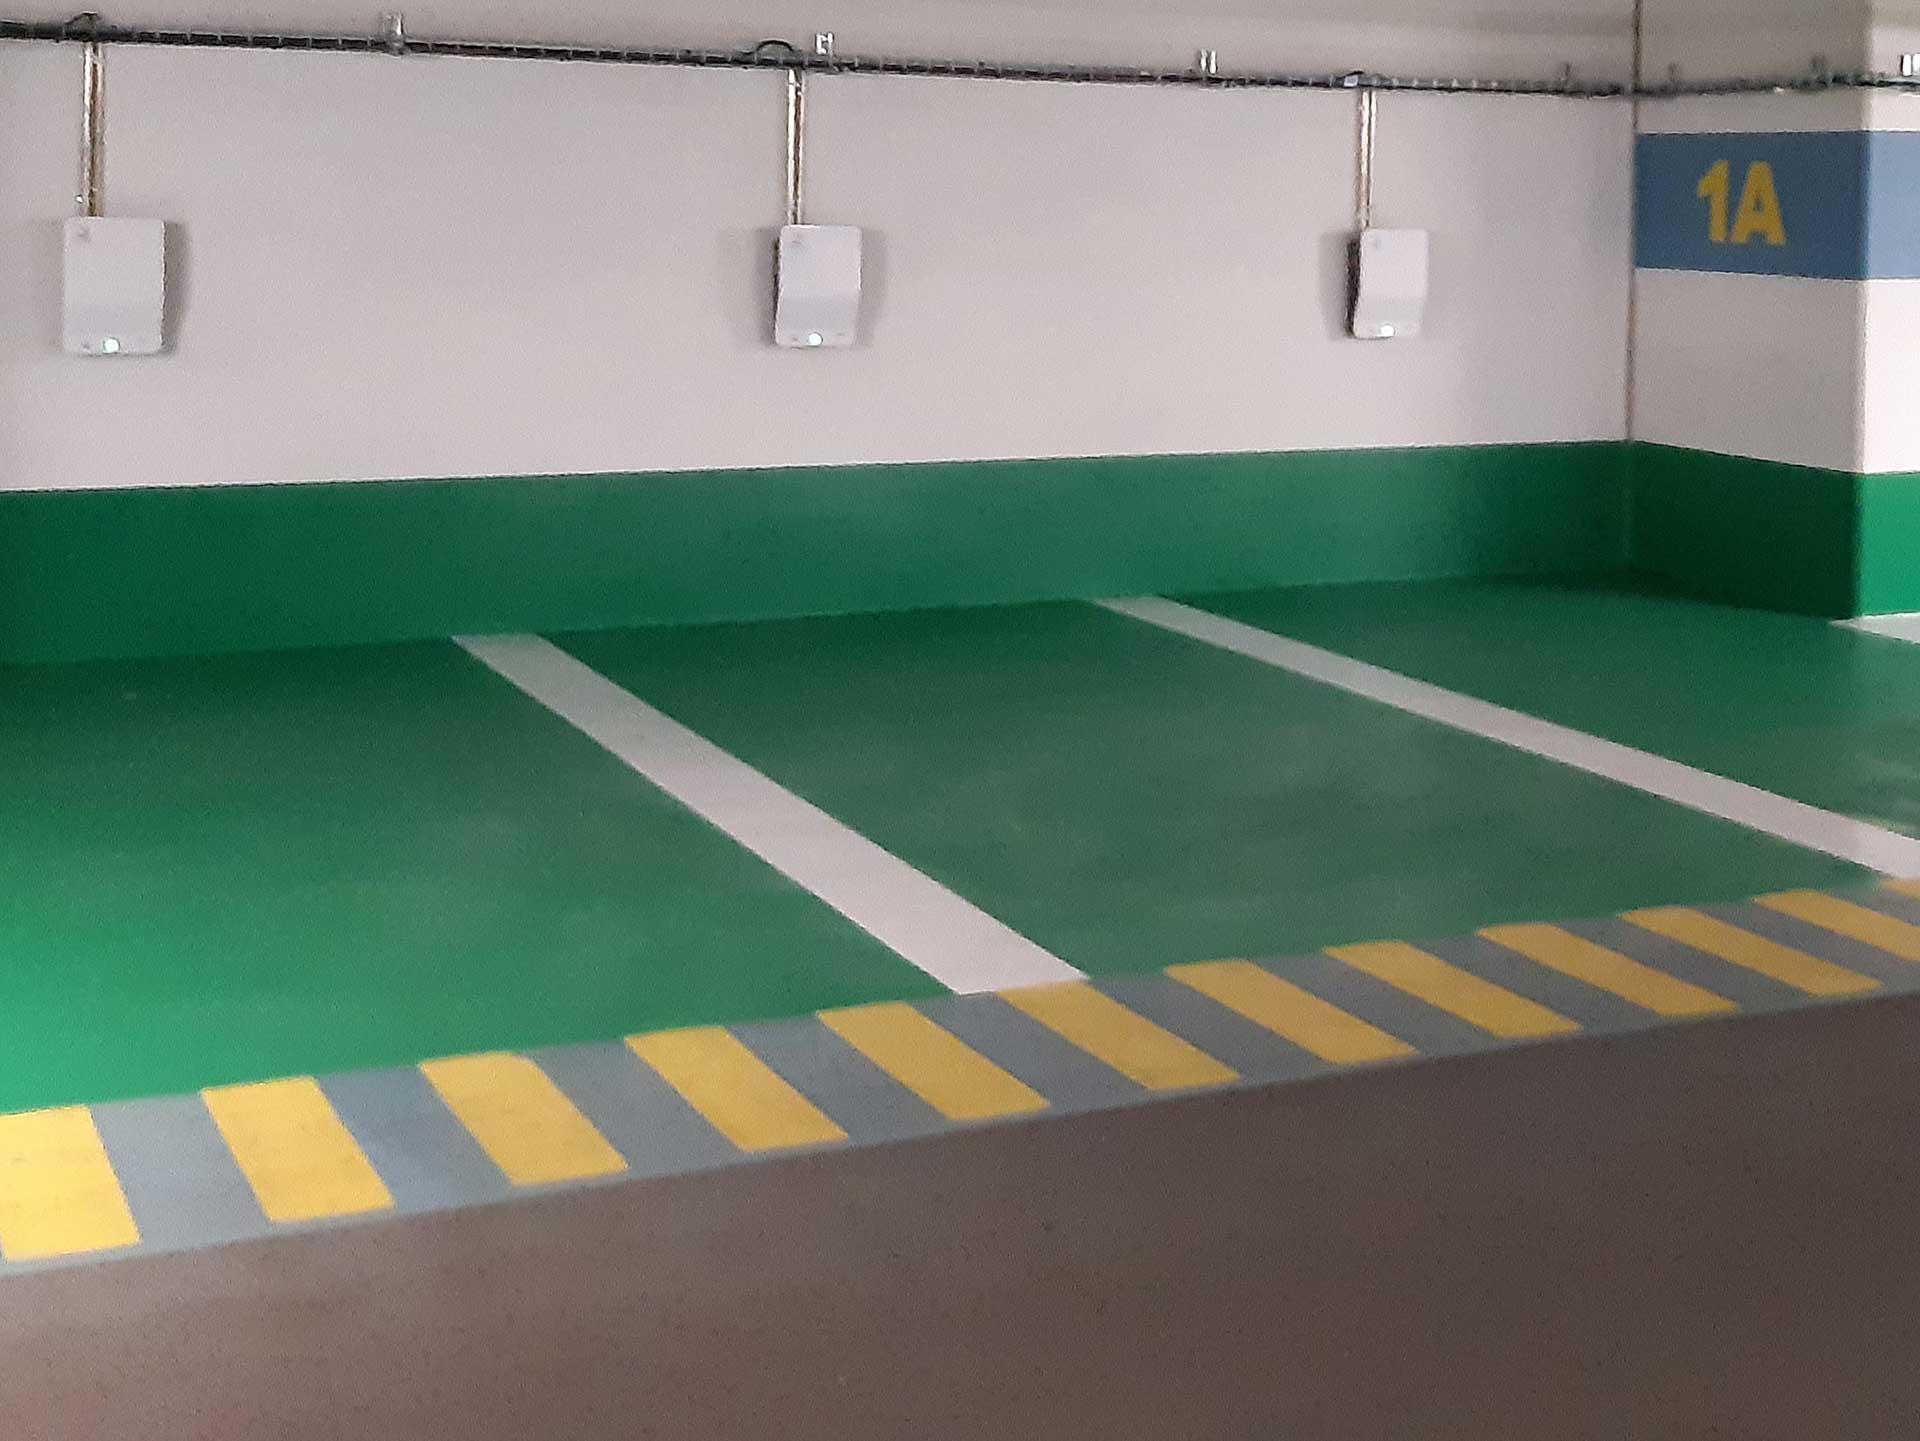 borne de recharge parking souterrain véhicule électrique immeuble Icade